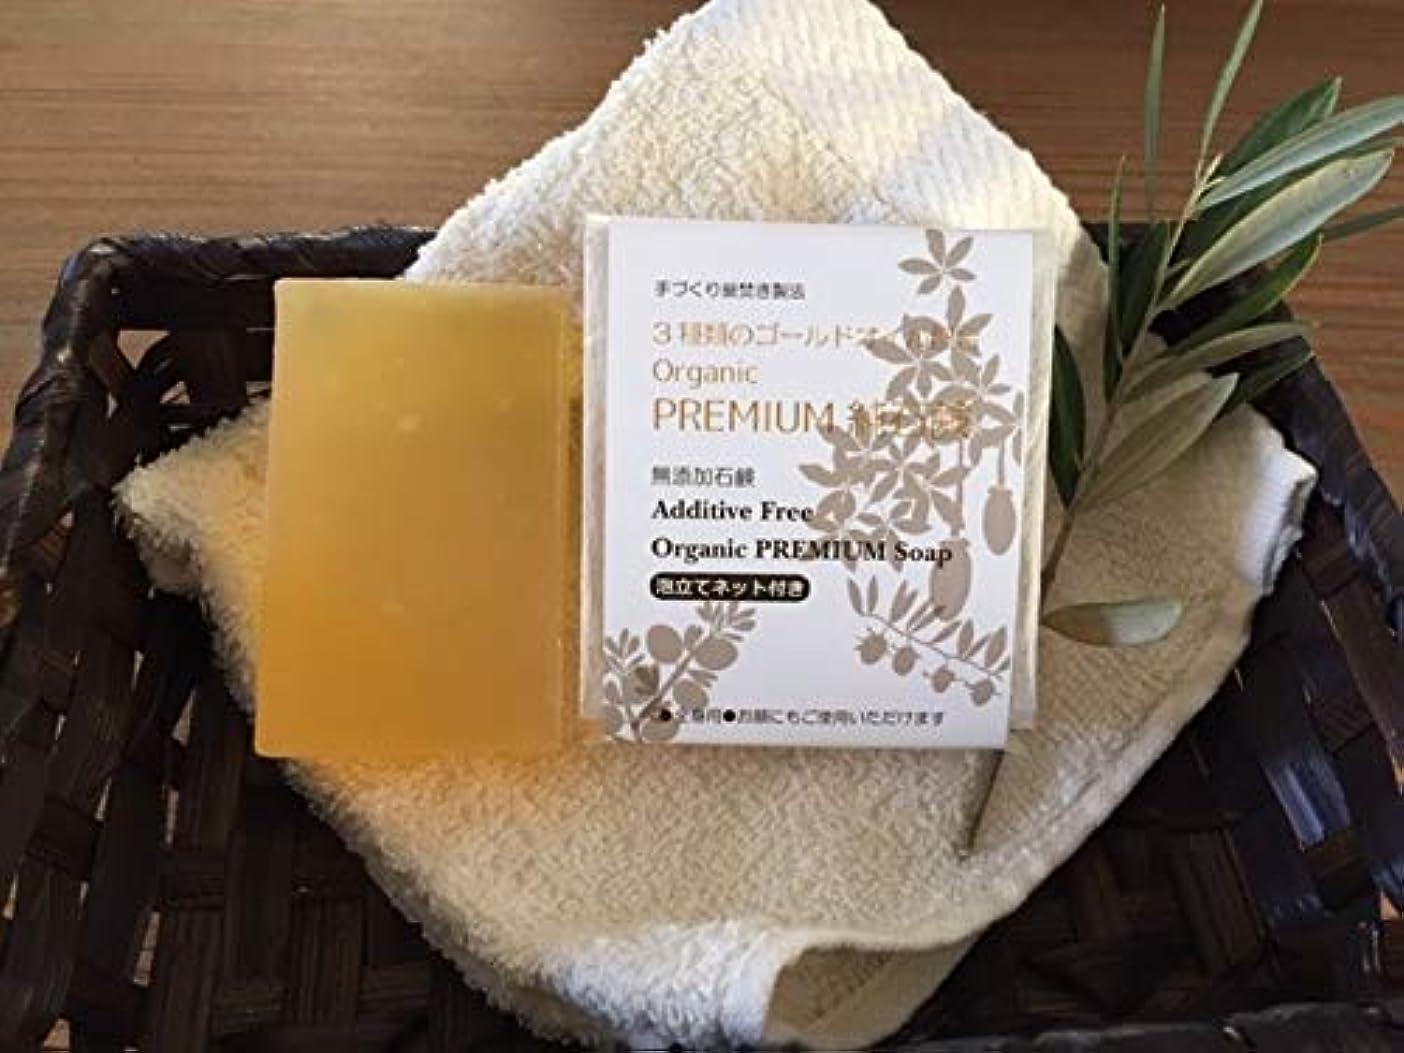 調整可能数字勇気のある手づくり釜焚き石鹸 Organic PREMIUM 純石鹸 130gバス用ジャンボサイズ 『3種の未精製 ゴールドオイル配合』 3種類の有機栽培ゴールドオイルをたっぷり配合したプレミアム処方です